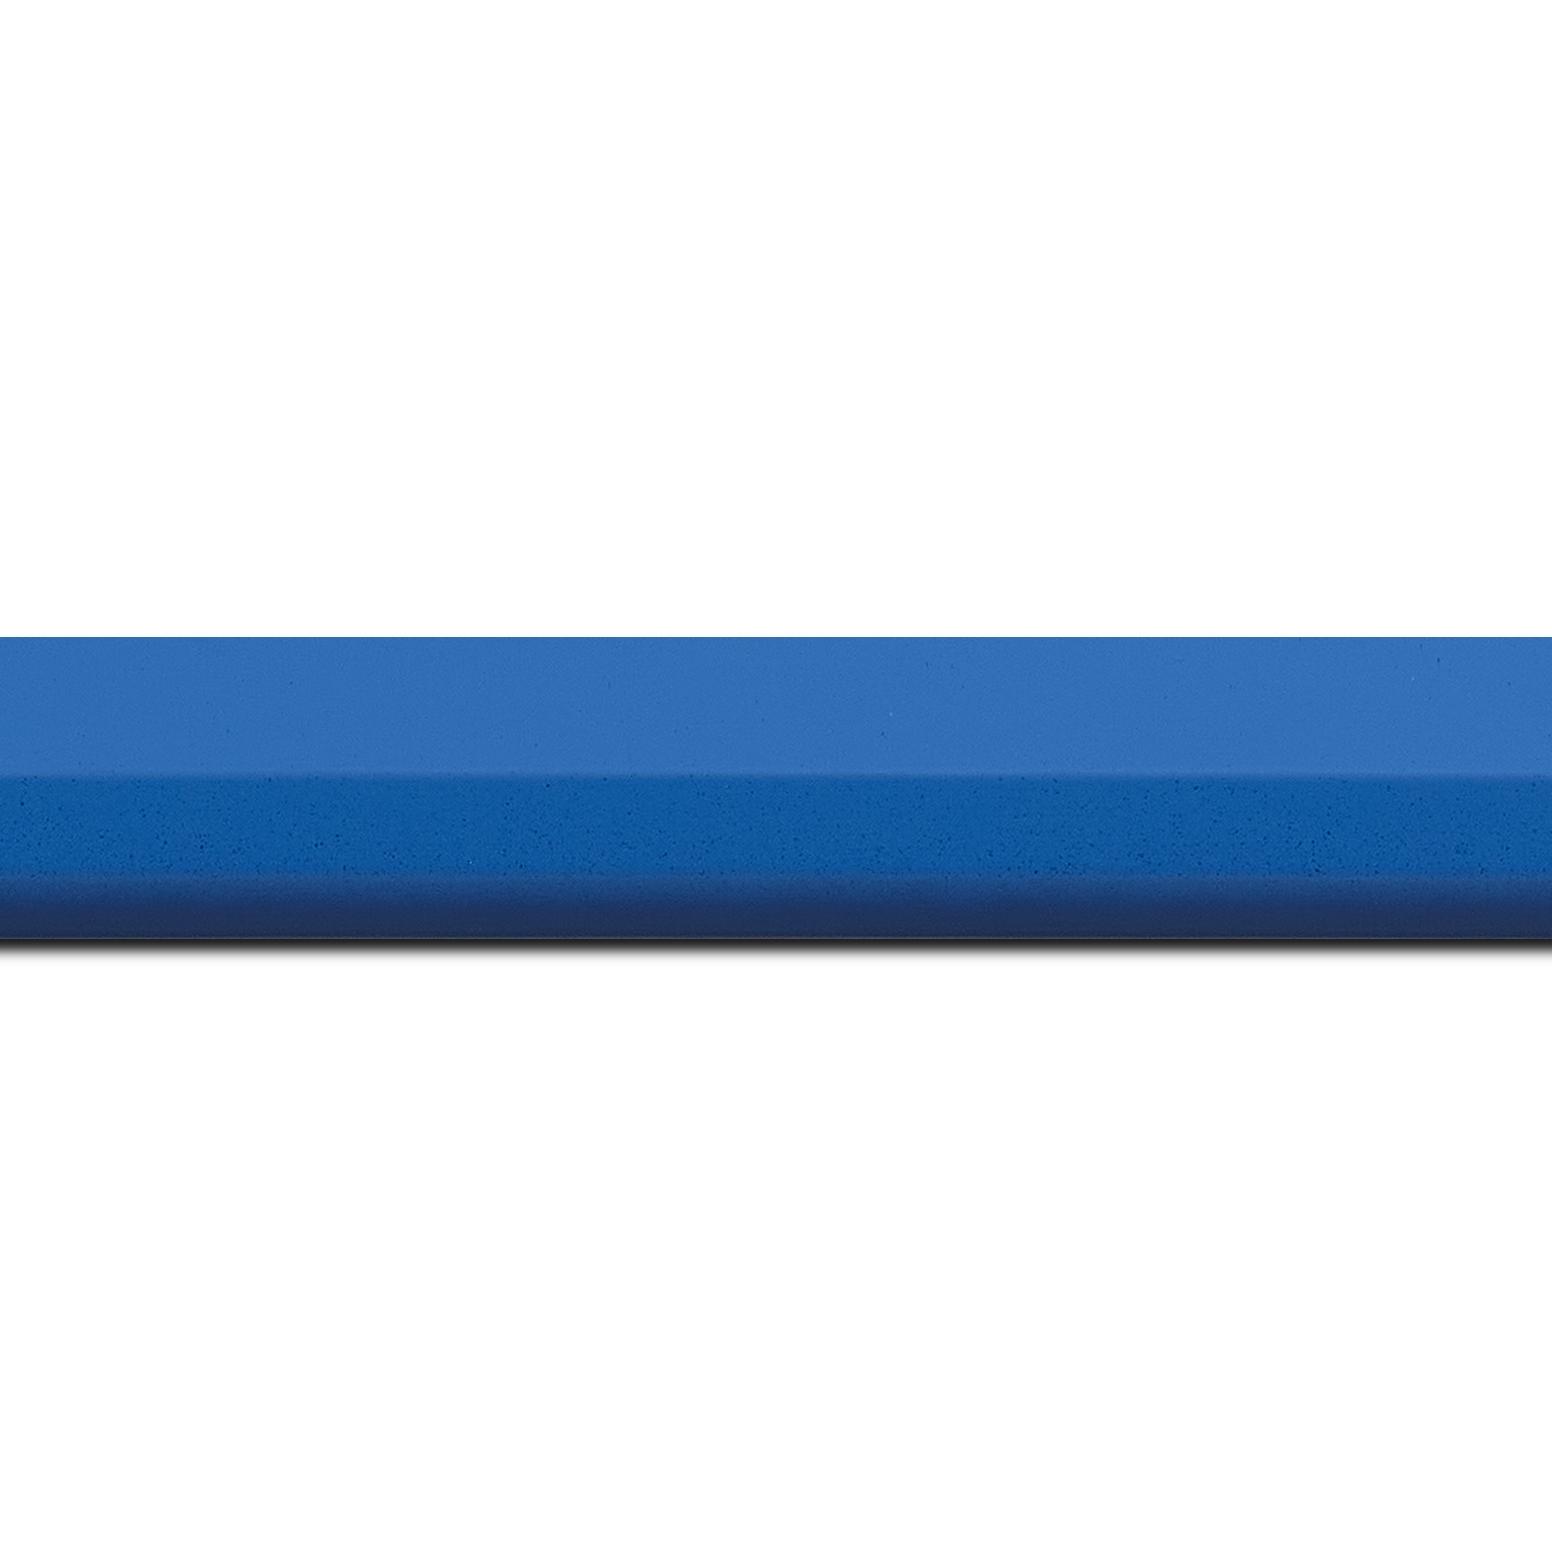 Pack par 12m, bois profil plat profil plat 3 faces largeur 2.8cm de couleur bleu roi mat , nez intérieur bleu foncé mat dégradé (finition pore bouché) (longueur baguette pouvant varier entre 2.40m et 3m selon arrivage des bois)